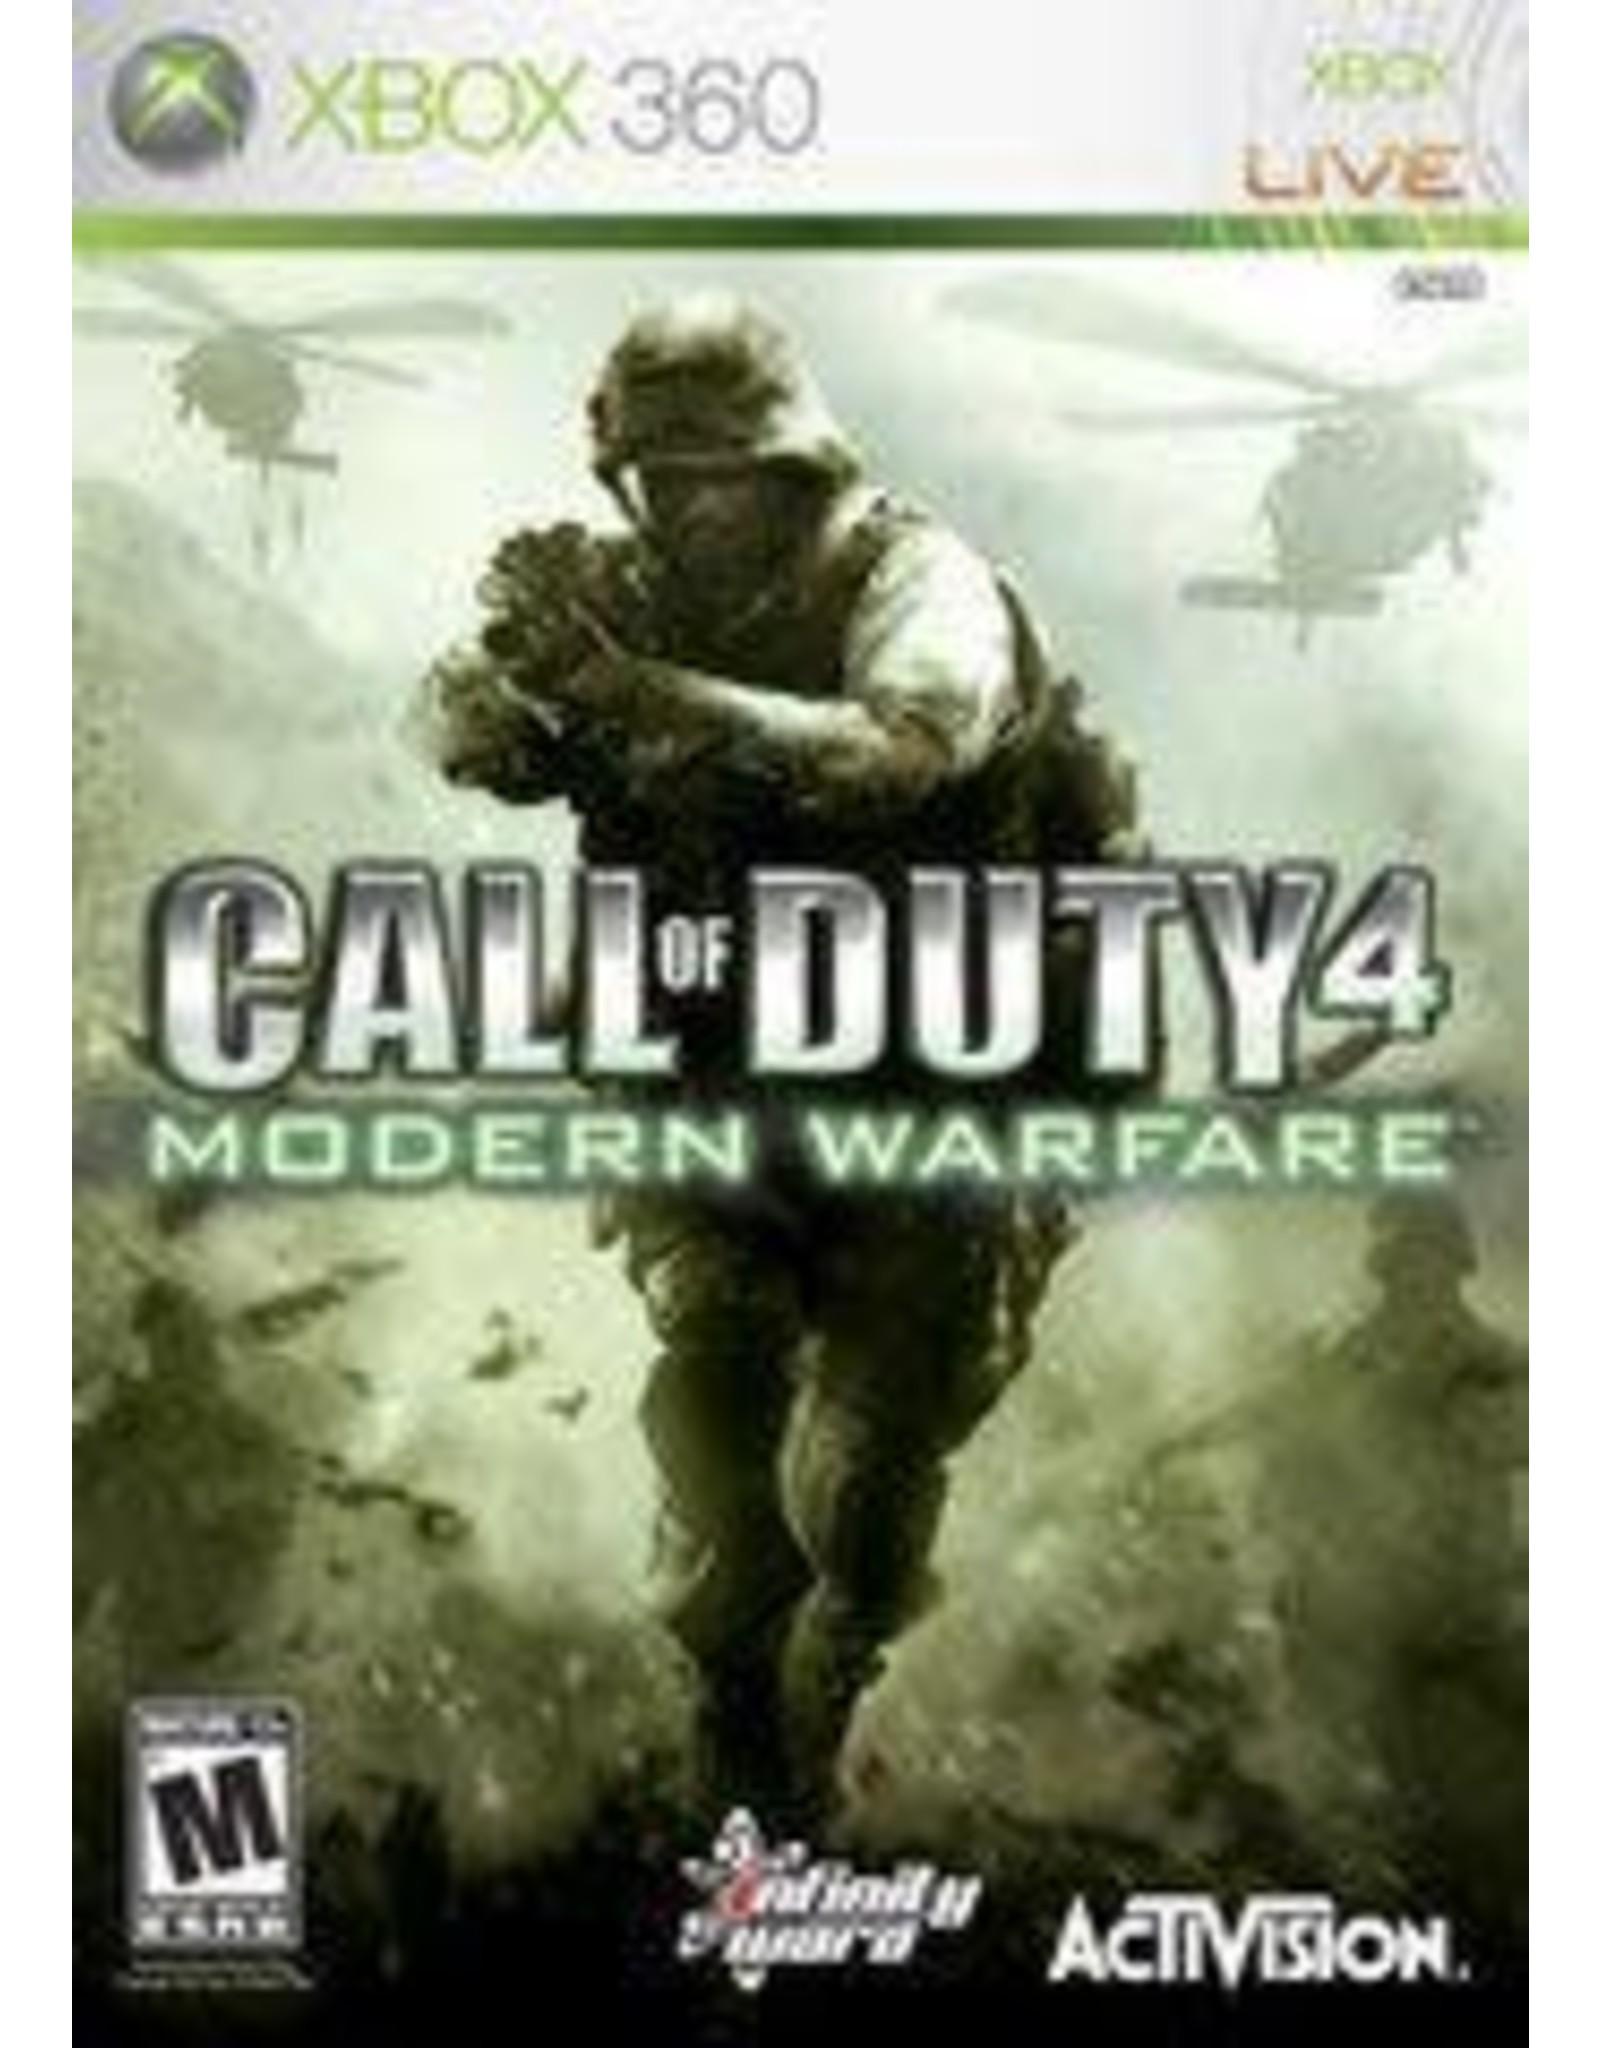 Xbox 360 Call of Duty 4 Modern Warfare (CiB)